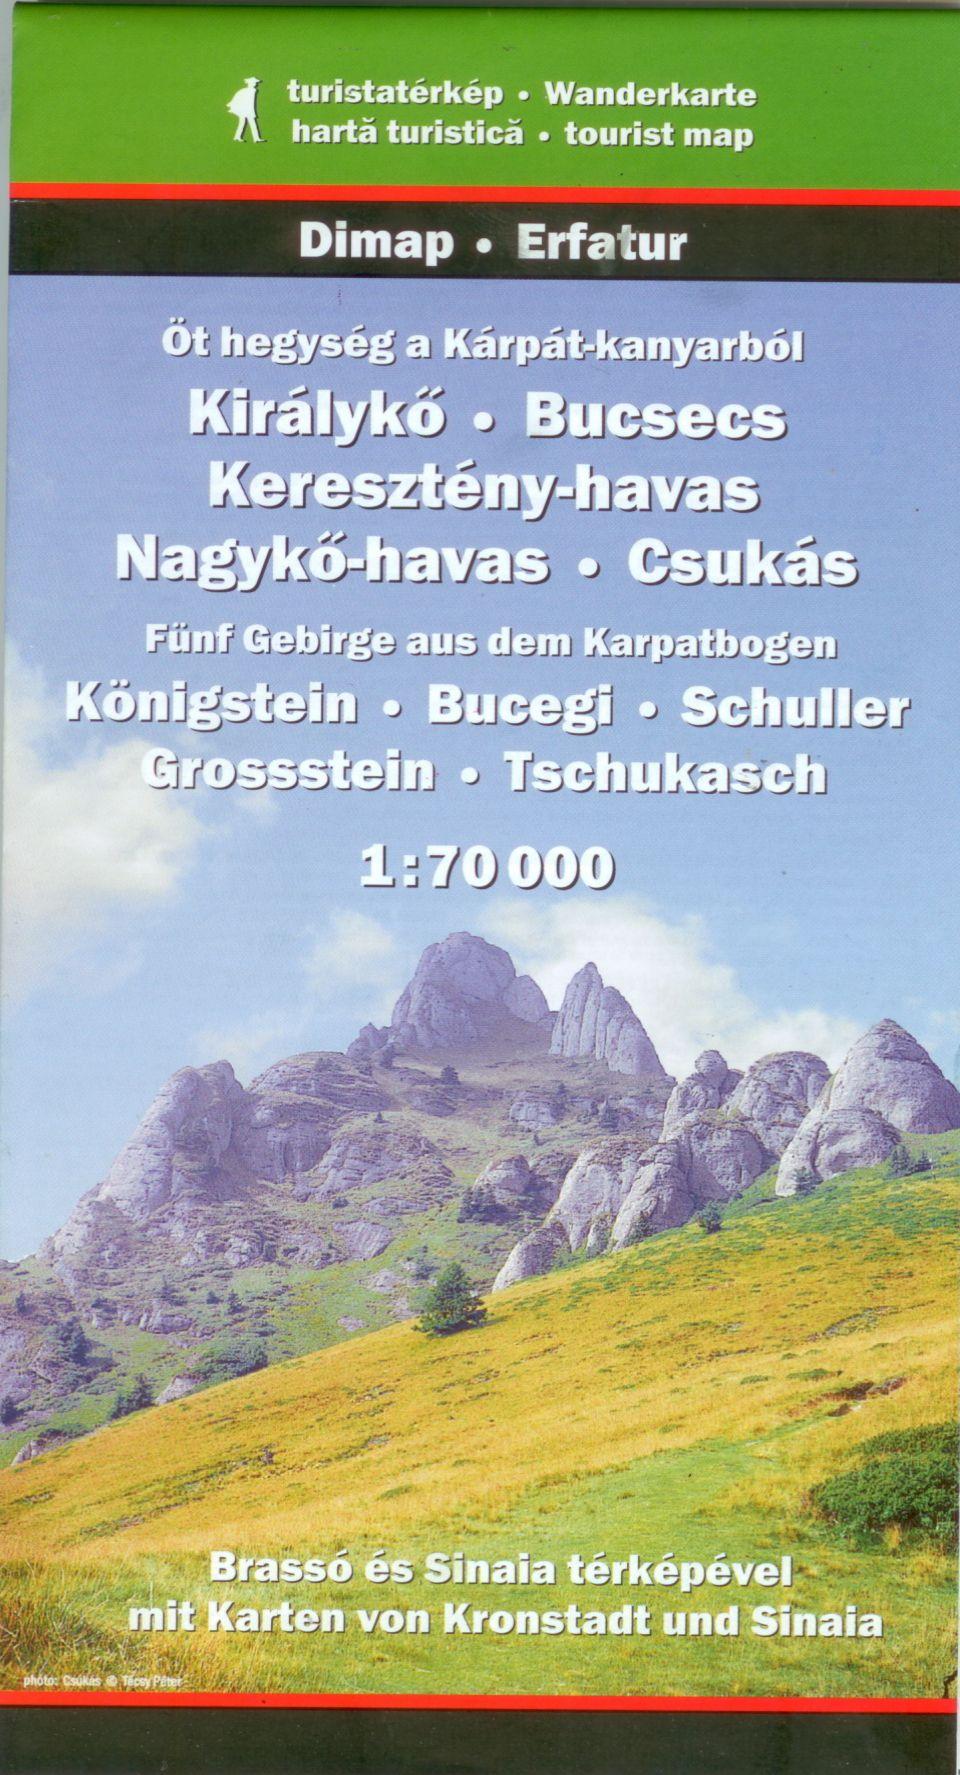 Királykő, Bucsecs, Keresztény-havas, Nagykő-havas, Csukás (jelmagyarázat és turista infók 4 nyelven)